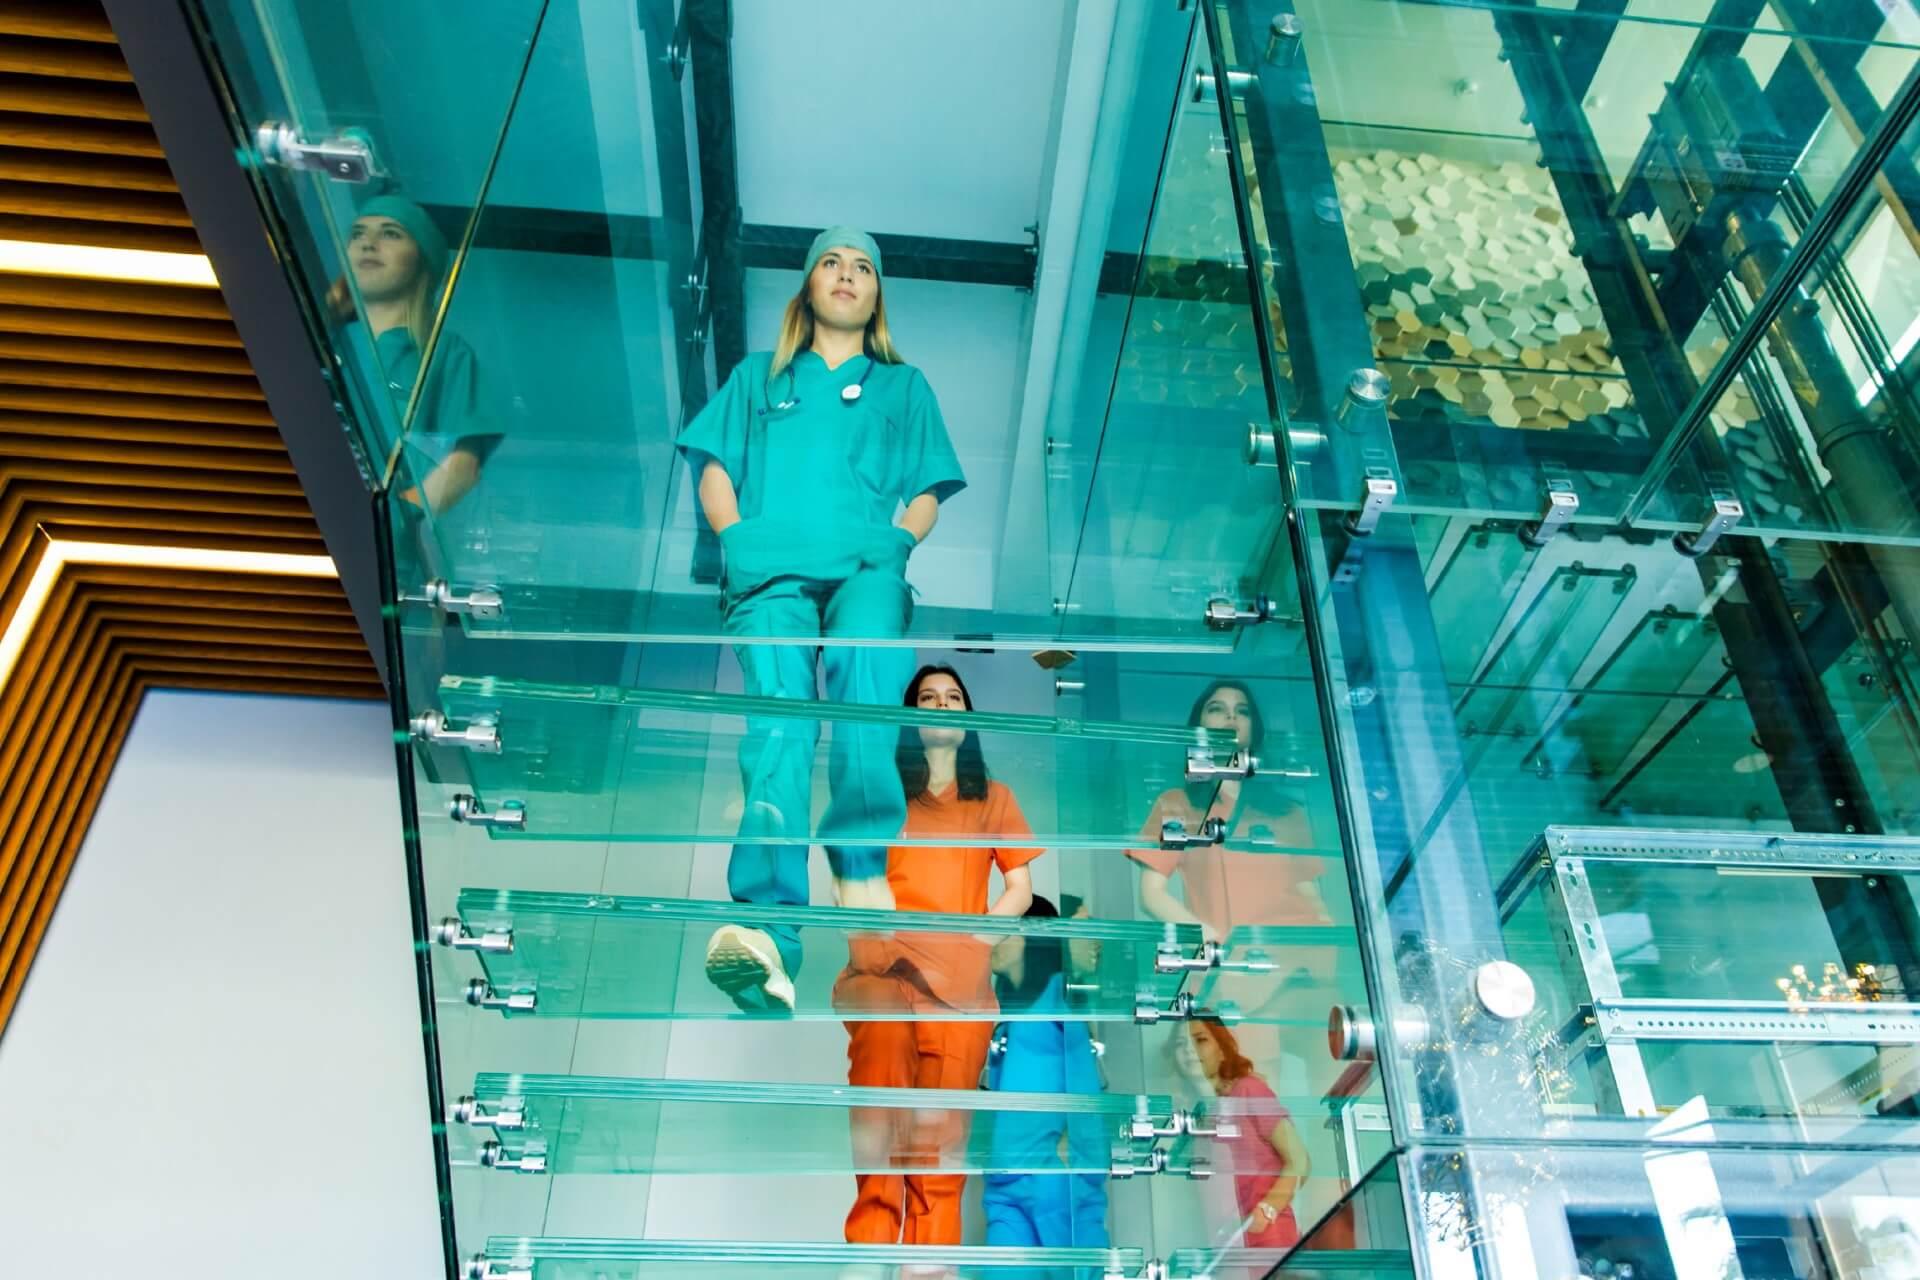 Nursing leaders